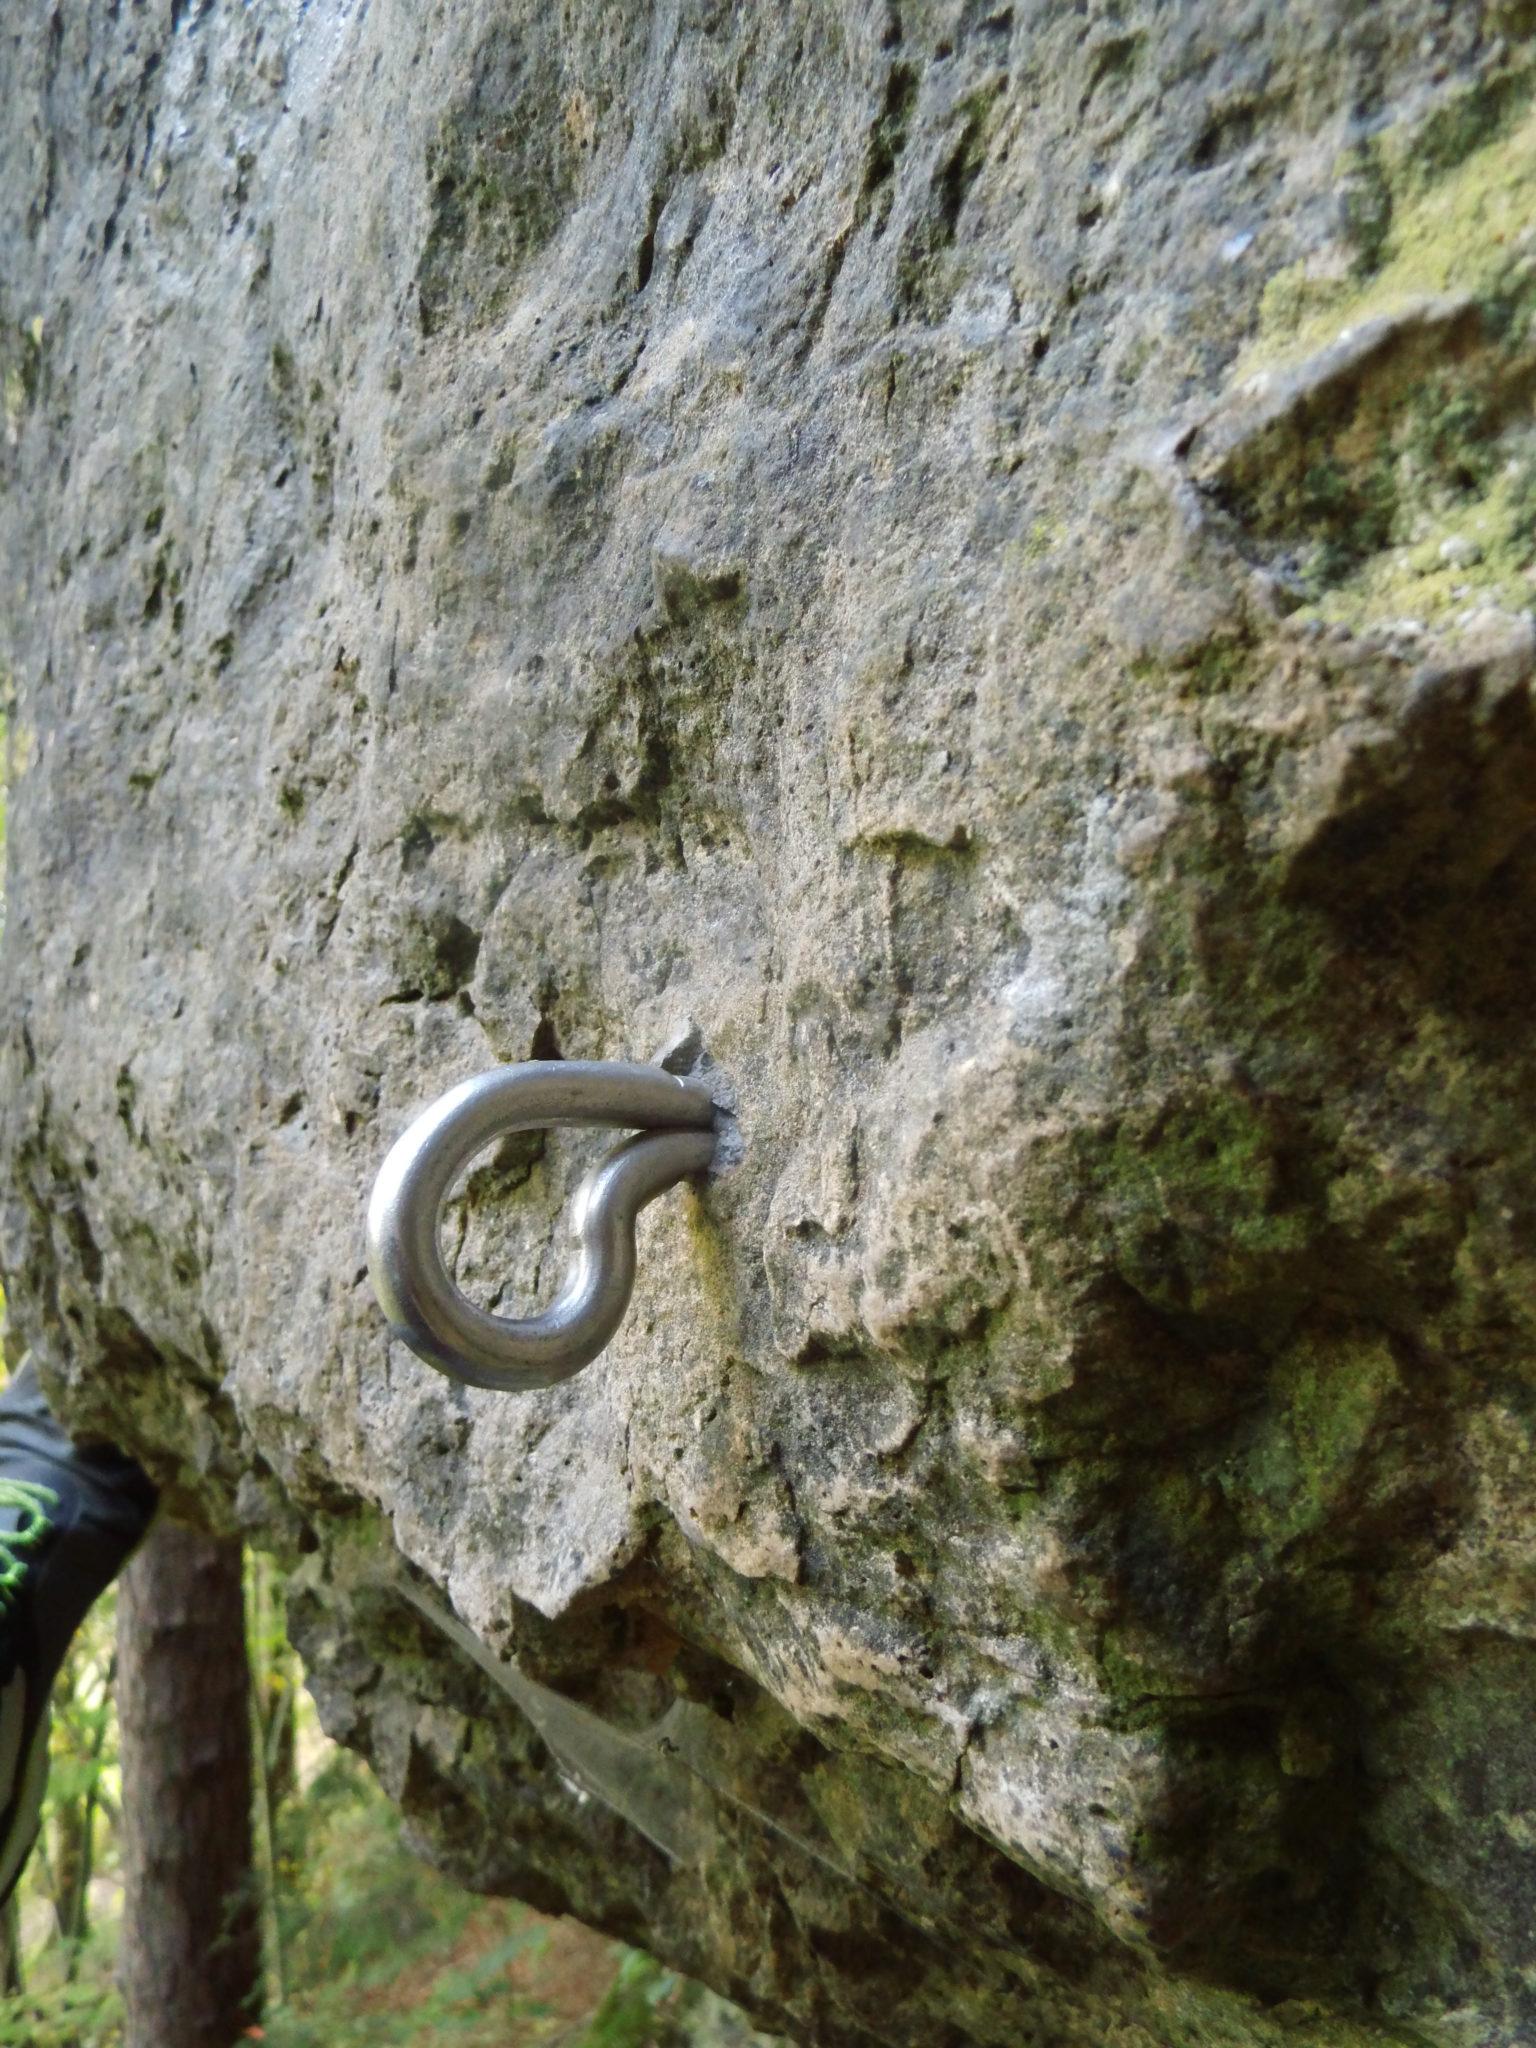 Das Bild zeigt einen abstehenden Zwischenhaken in der Route Fresh & Funy an der Ammerthaler Wand